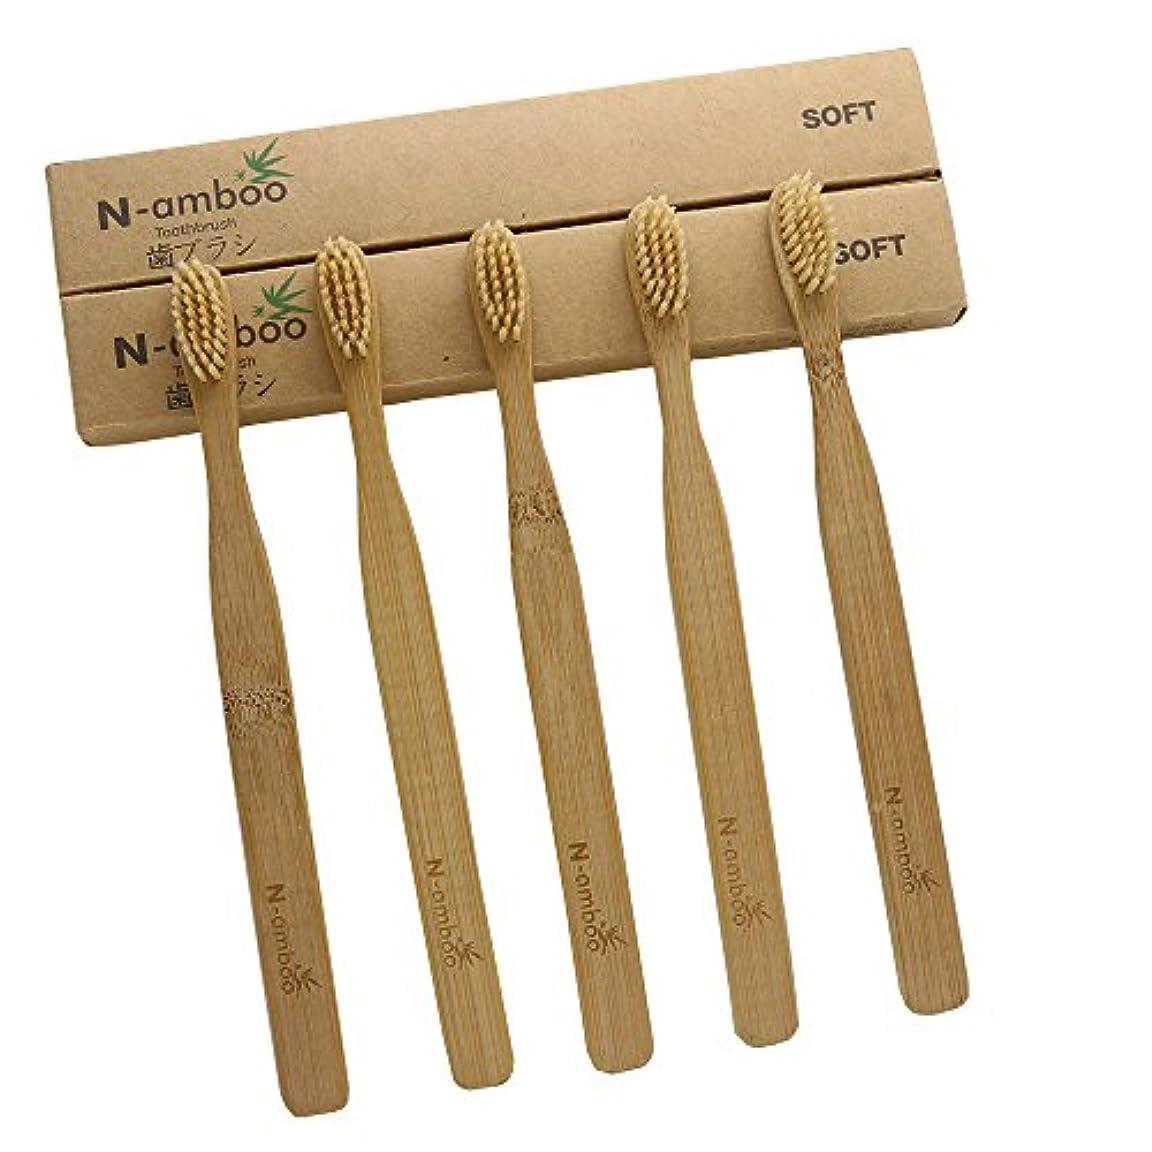 ポーク専ら抽選N-amboo 竹製 歯ブラシ 高耐久性 セット エコ ハンドル大きめ ベージュ (5本)